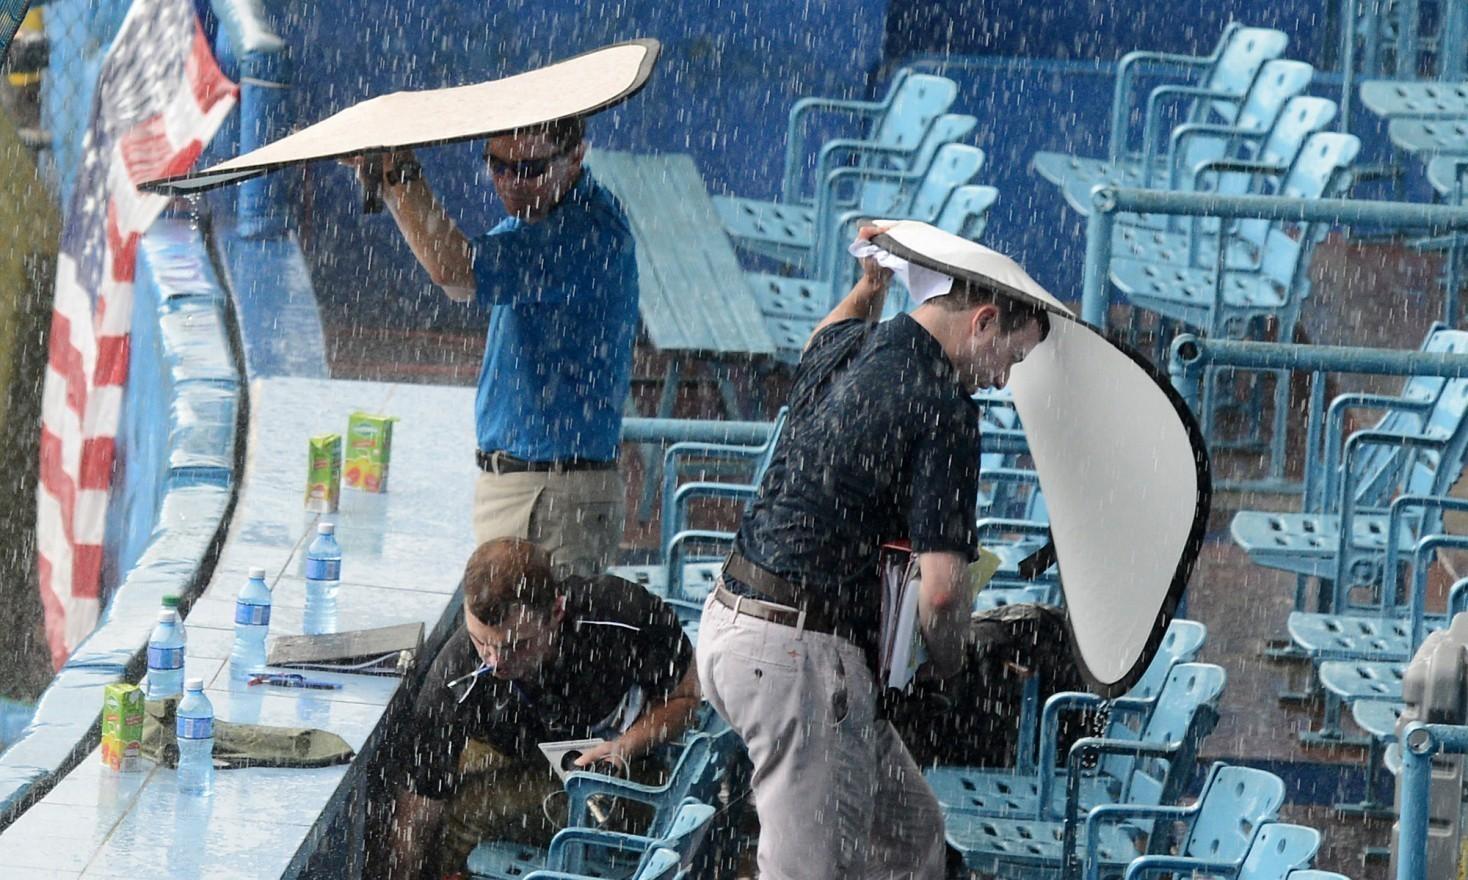 Cuba downpour